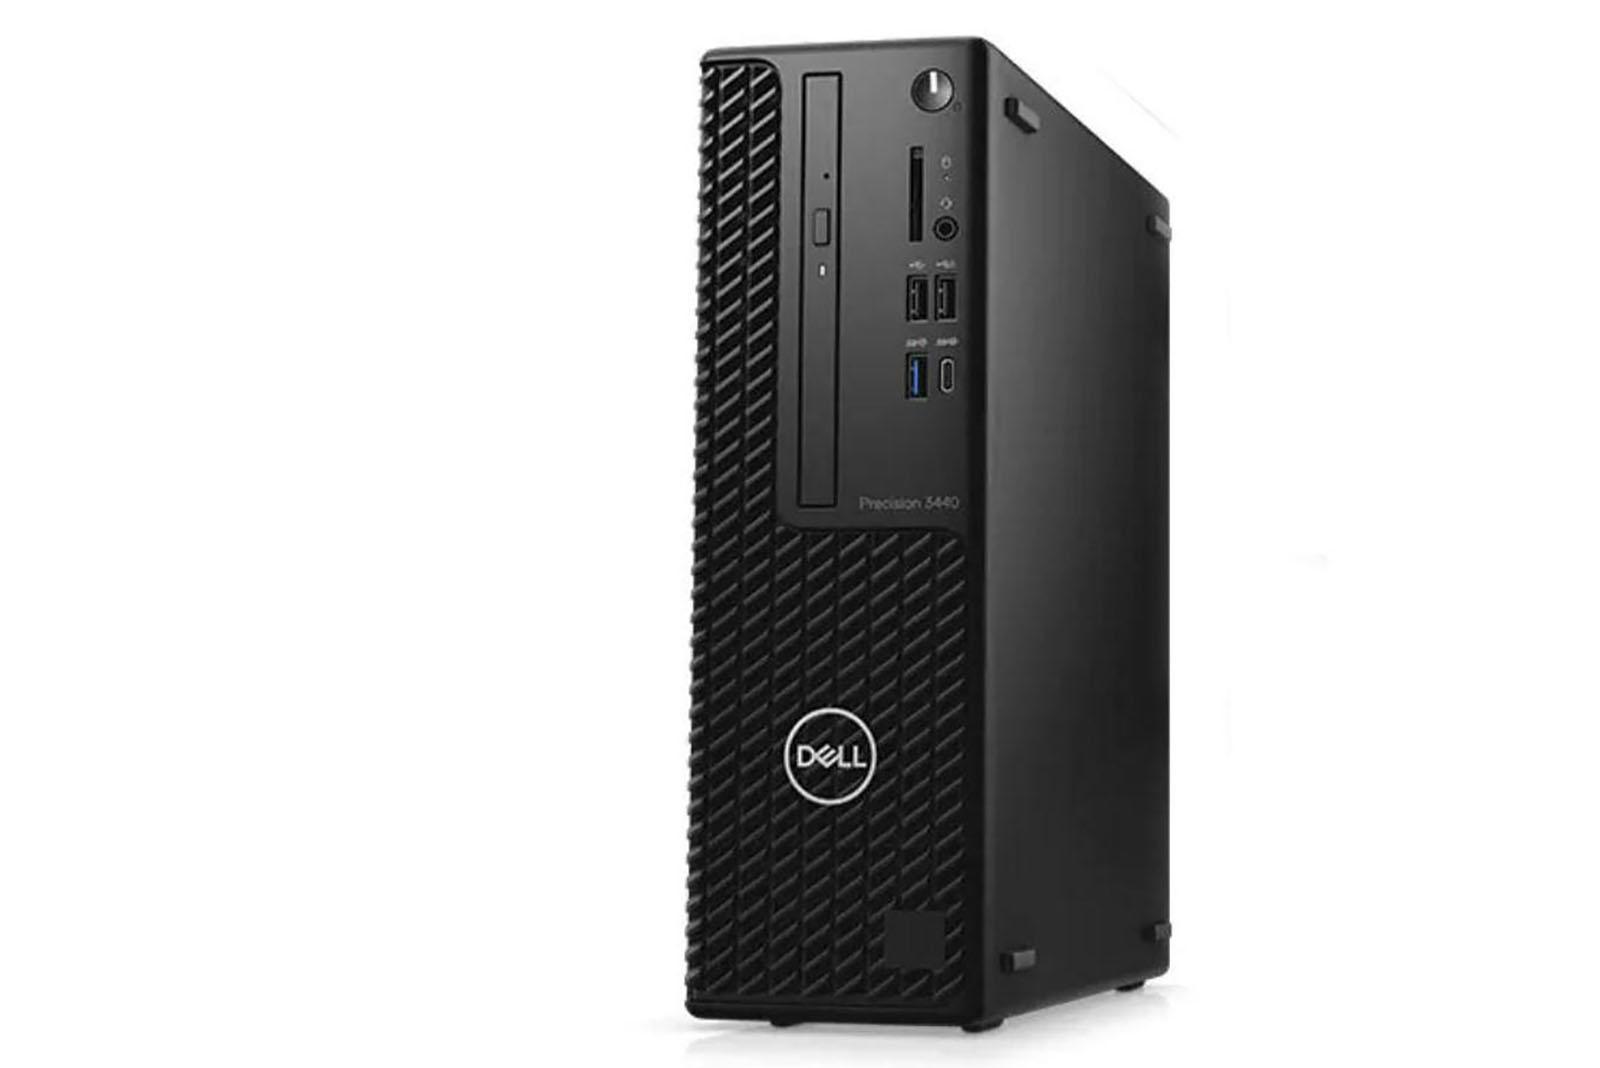 black-friday-2020-dell-precision-3440-workstation-desktop-pc-deal-sale.jpg